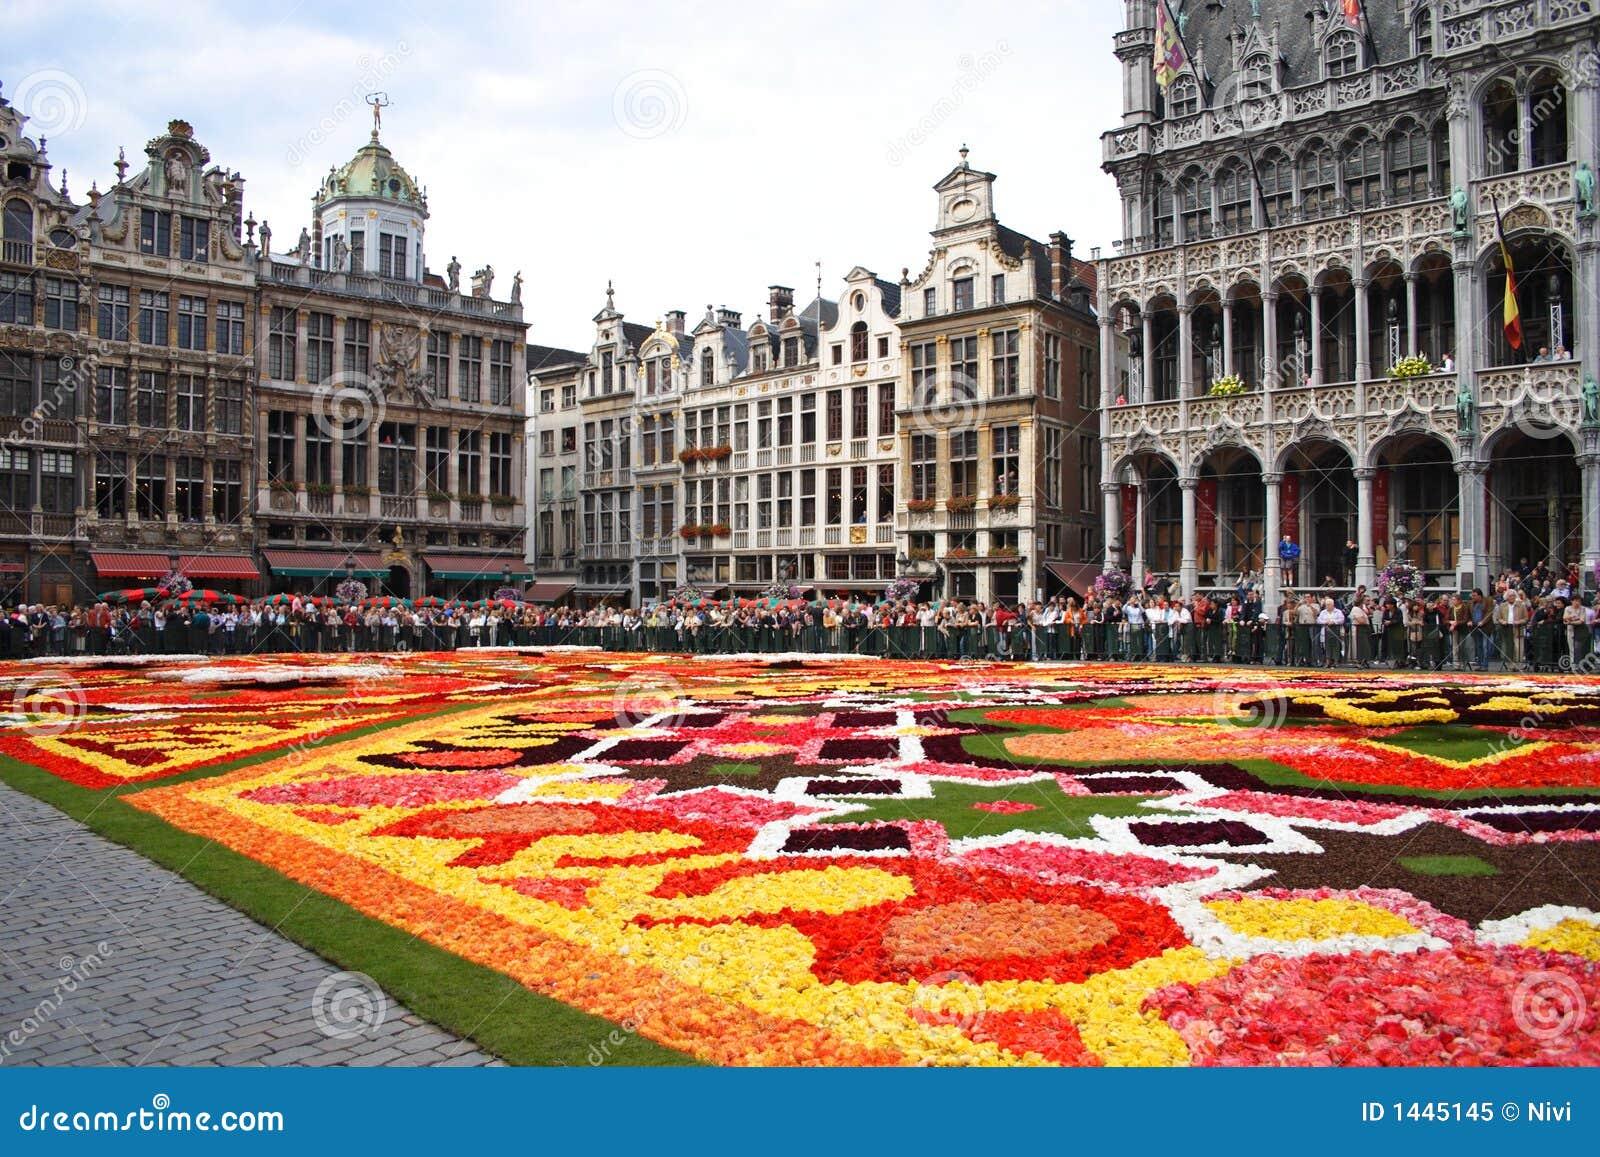 Tapis de fleur à Bruxelles